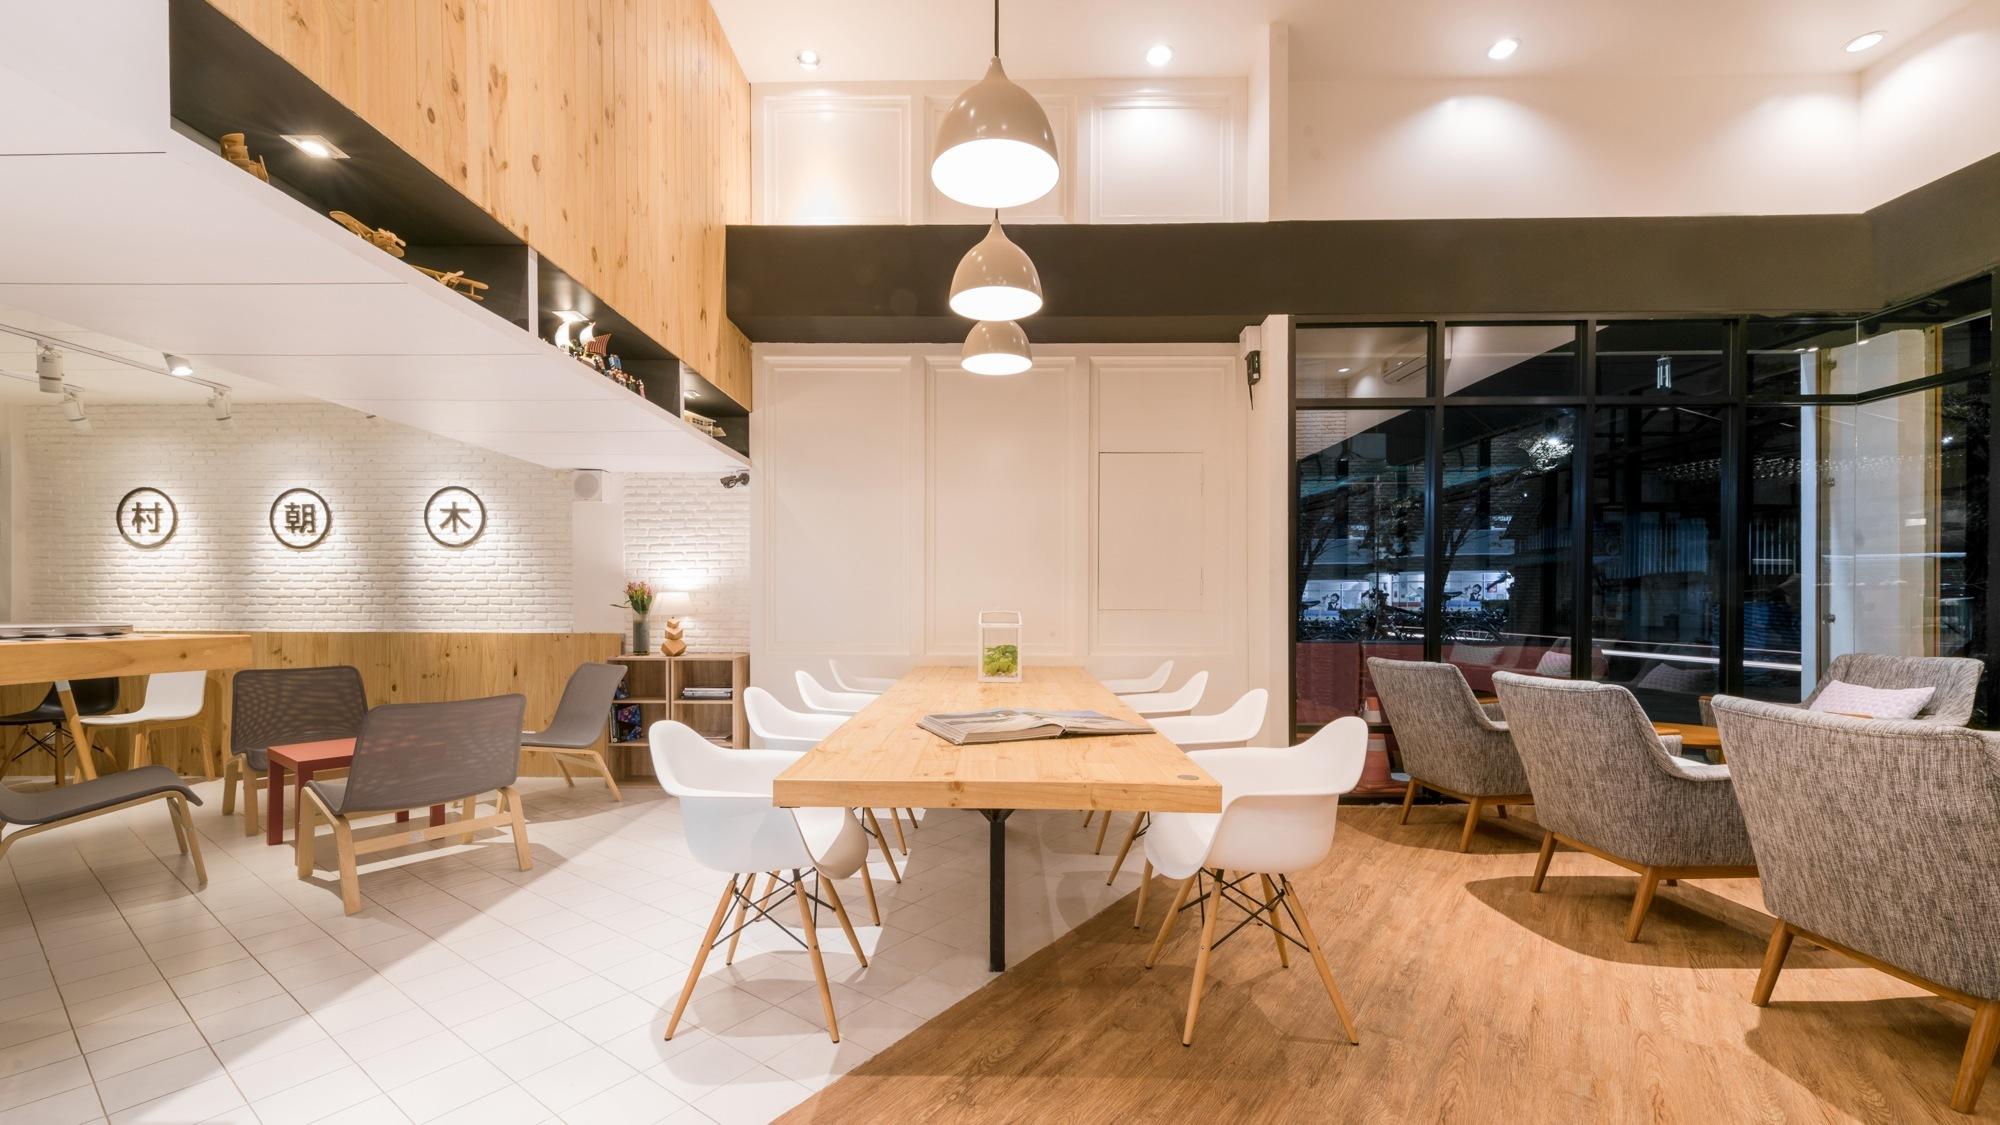 Café Murasaki / FATTSTUDIO | ArchDaily